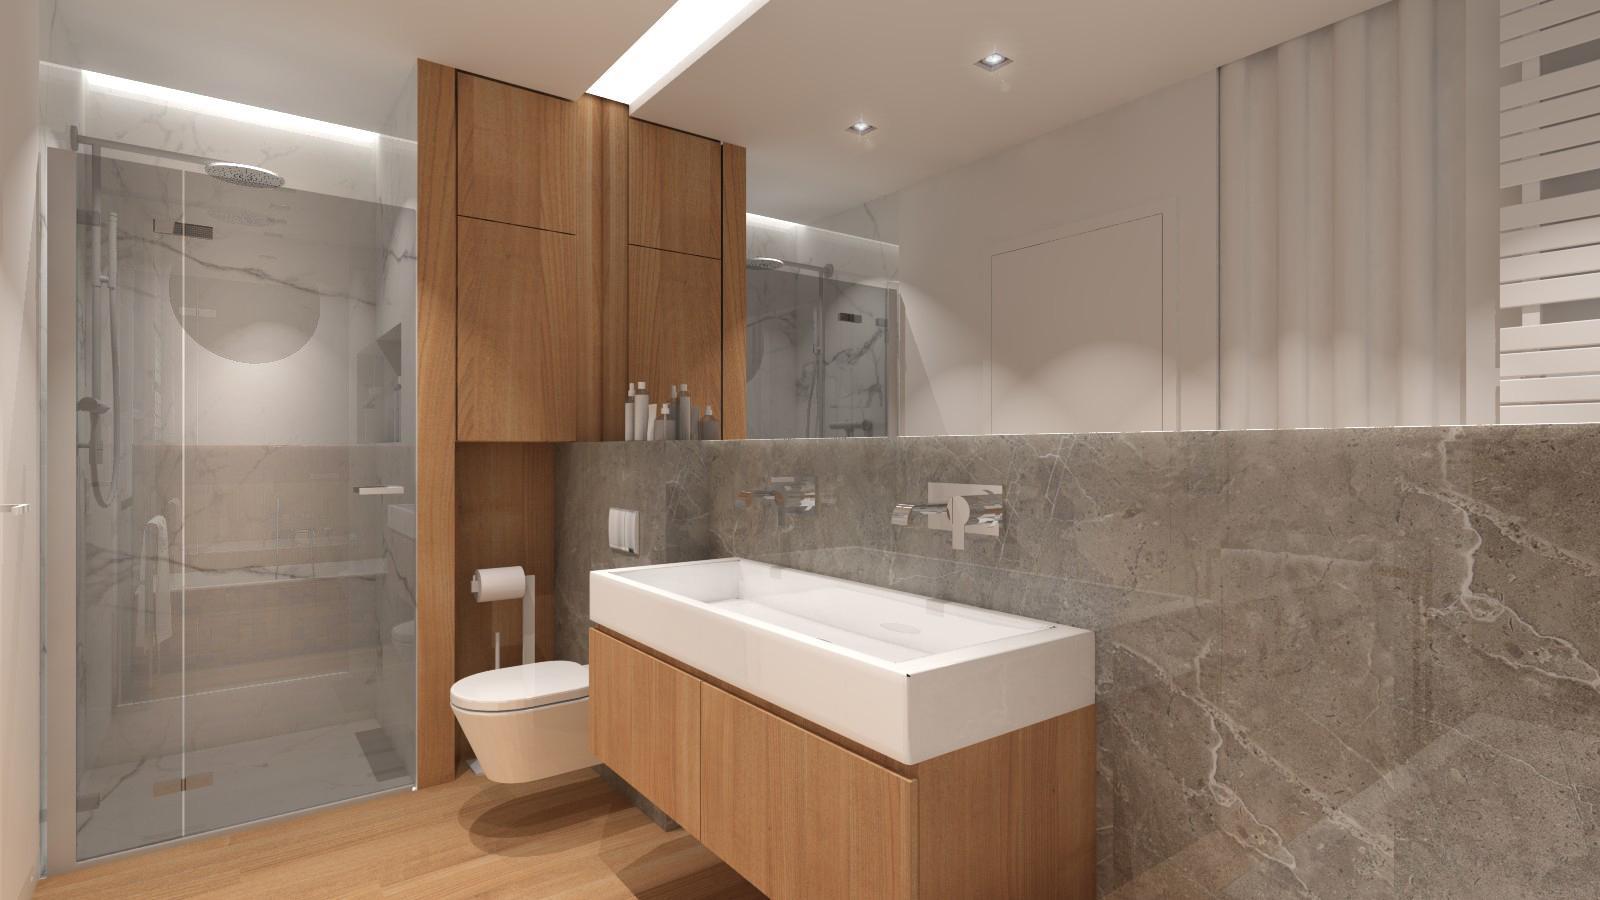 nowoczesna łazienka w naturalnych kolorach, wanna zabudowana z mozaiką drewnianą, gres imitujący kamień, sufit podświetlany, lustro na całej długości łazienki, prysznic walk-in